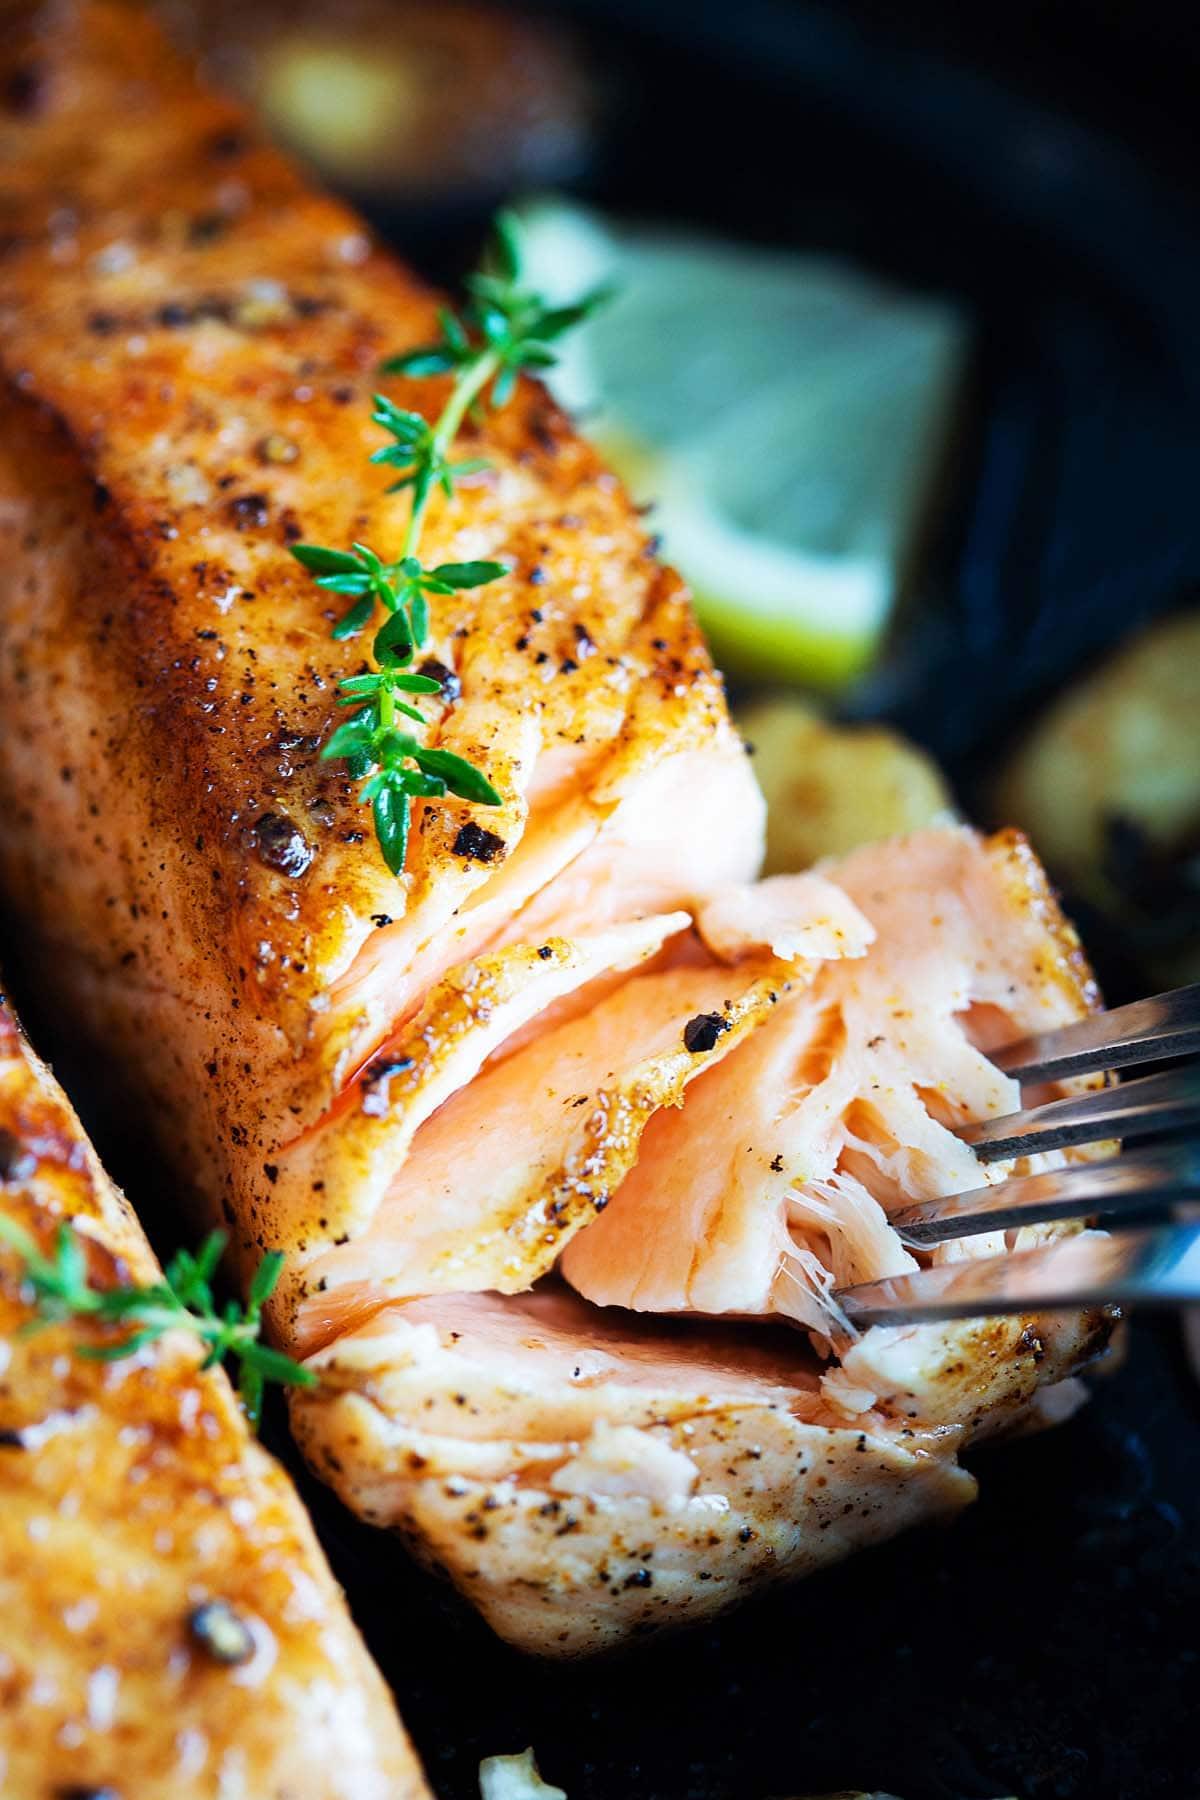 Best, crispy salmon fillet in a pan.